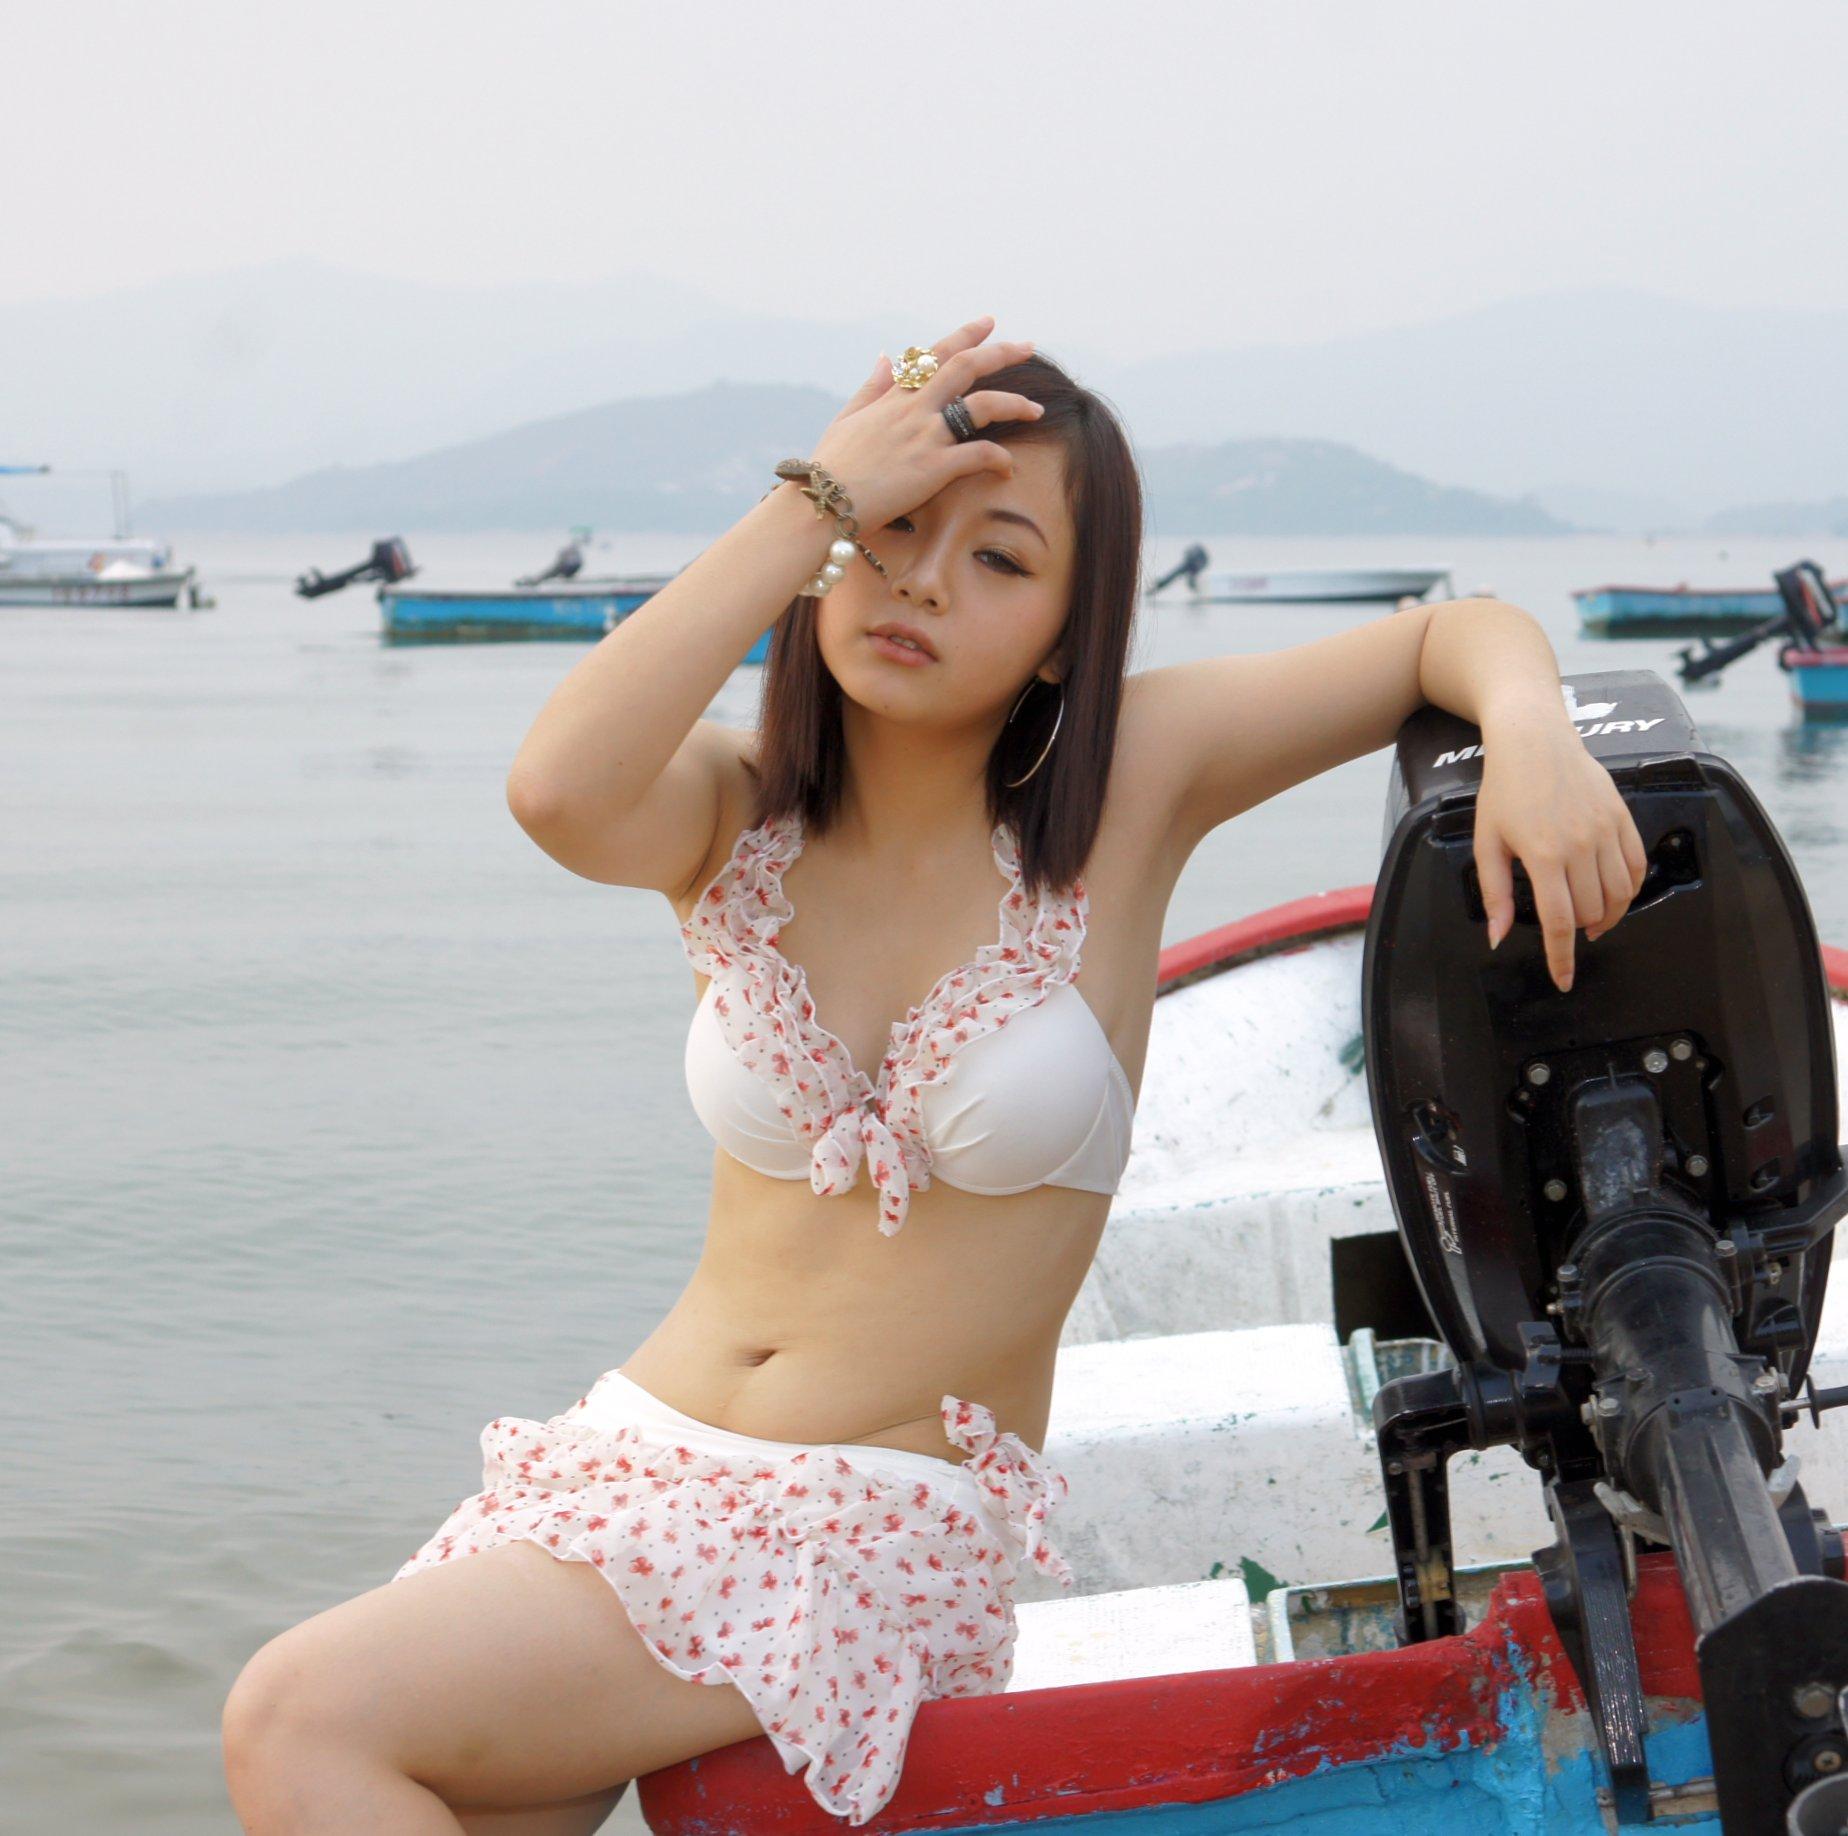 Bollwood Actress  nude .com